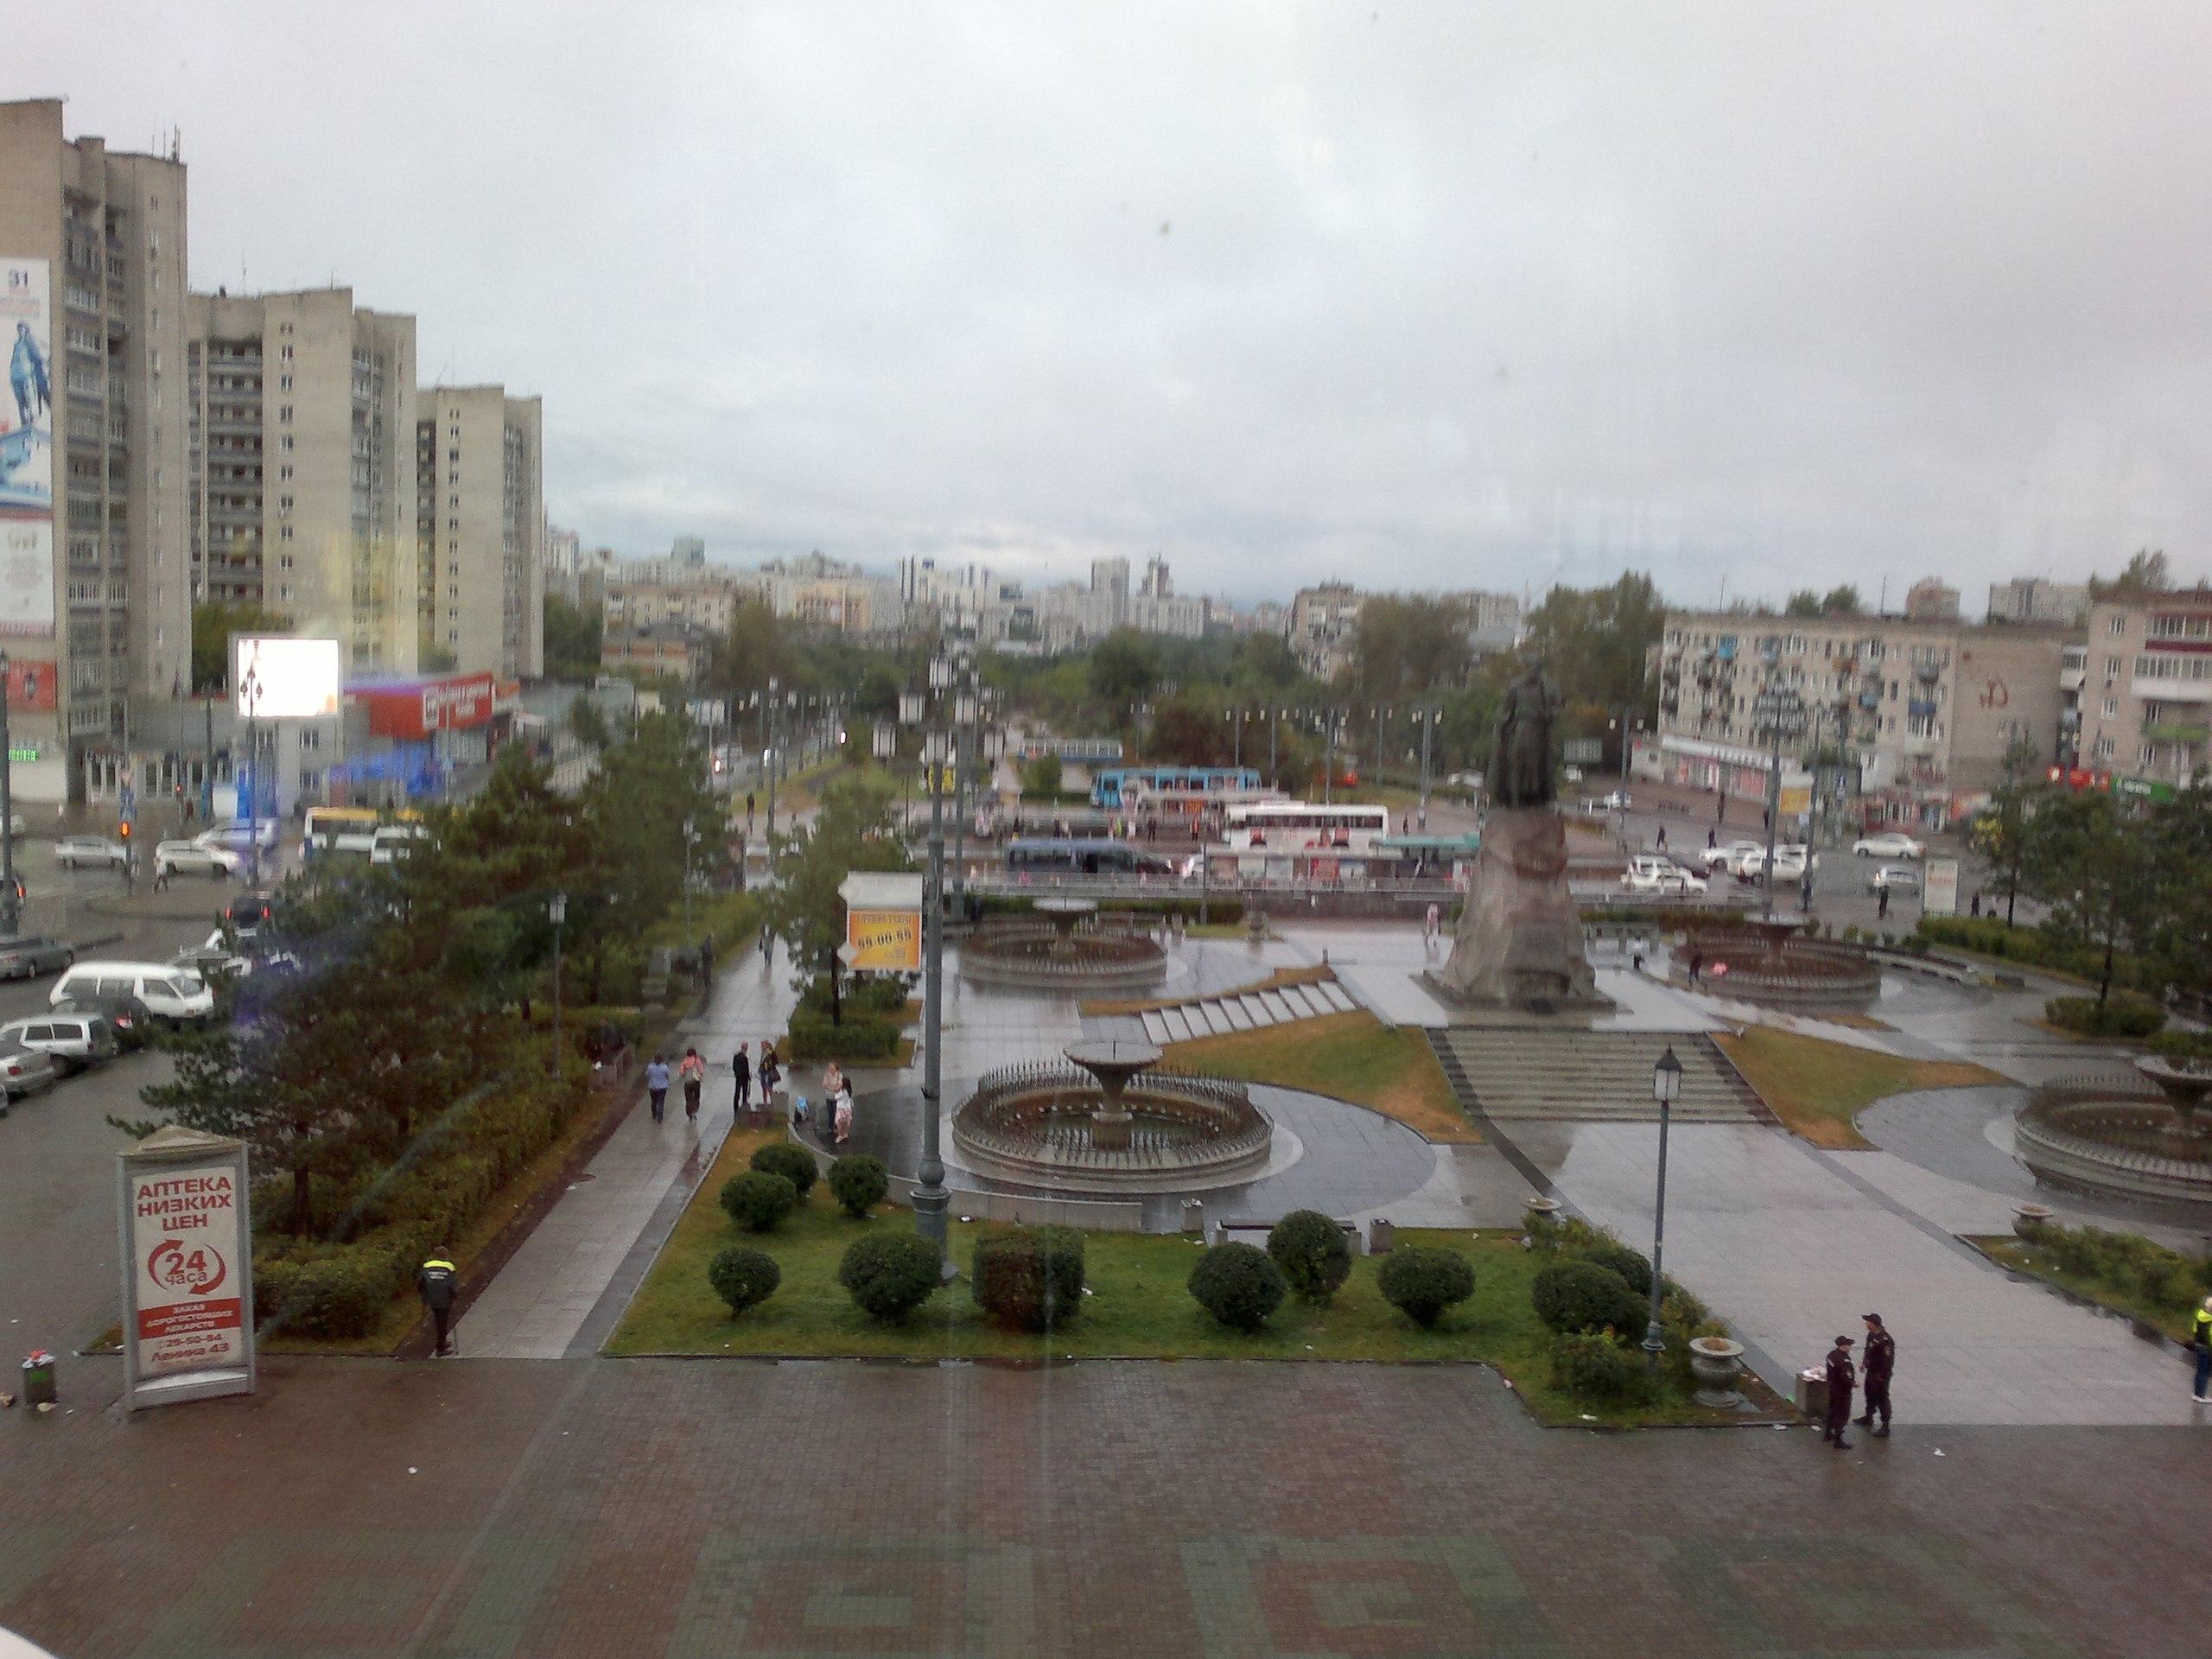 фотографии города 2015 хабаровск